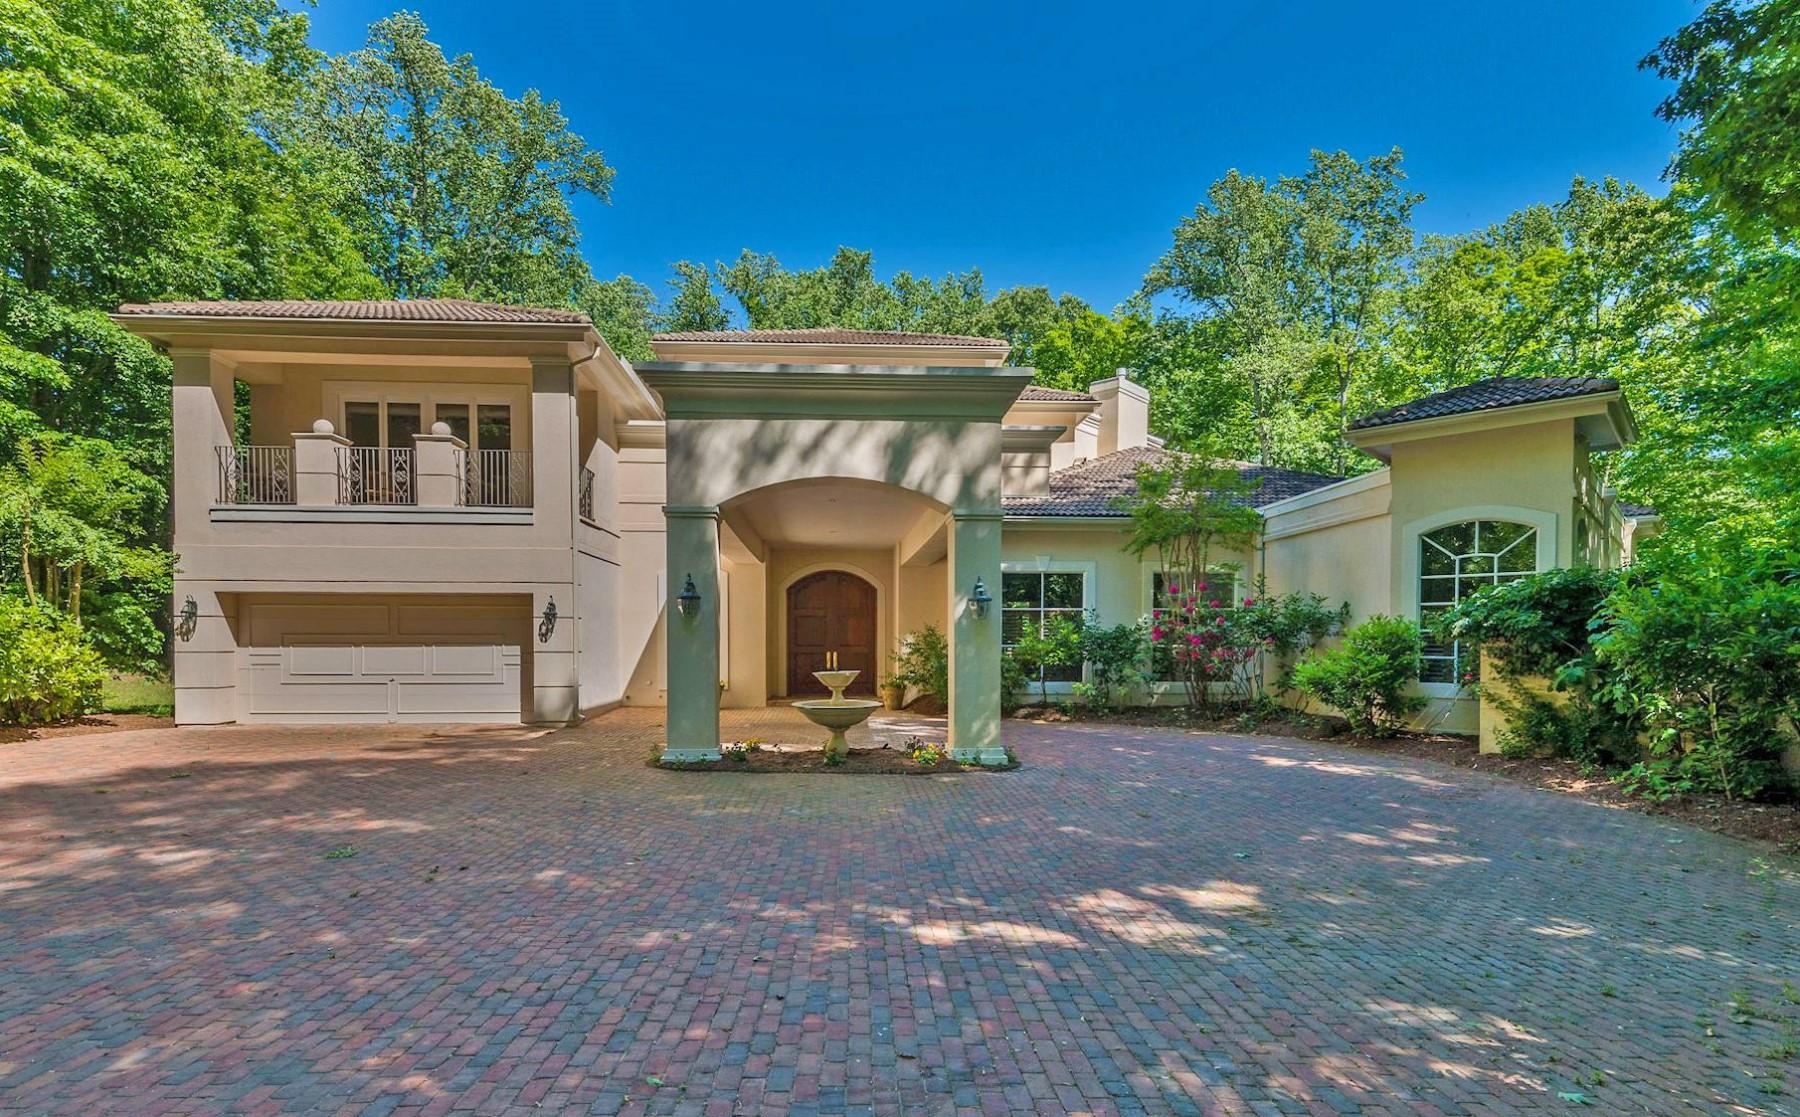 단독 가정 주택 용 매매 에 1367 Morgans Ridge Lane, Crownsville 1367 Morgans Ridge Ln Crownsville, 메릴랜드 21032 미국